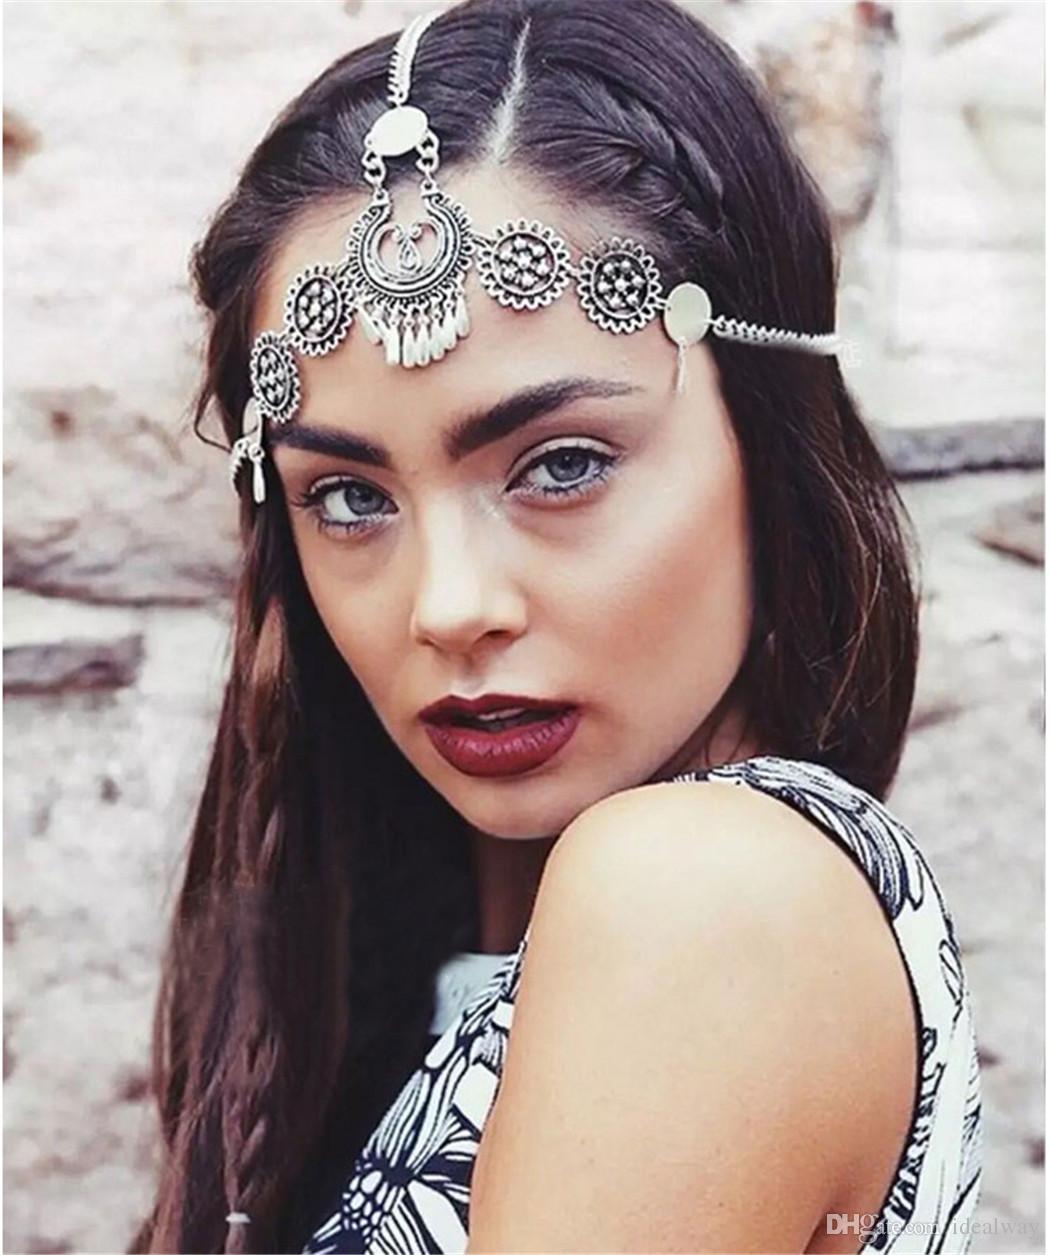 البوهيمي نمط خمر الفضة معدن الجوف خارج زهرة غطاء الرأس عقال العرقية رئيس سلسلة أغطية الرأس الشعر مجوهرات